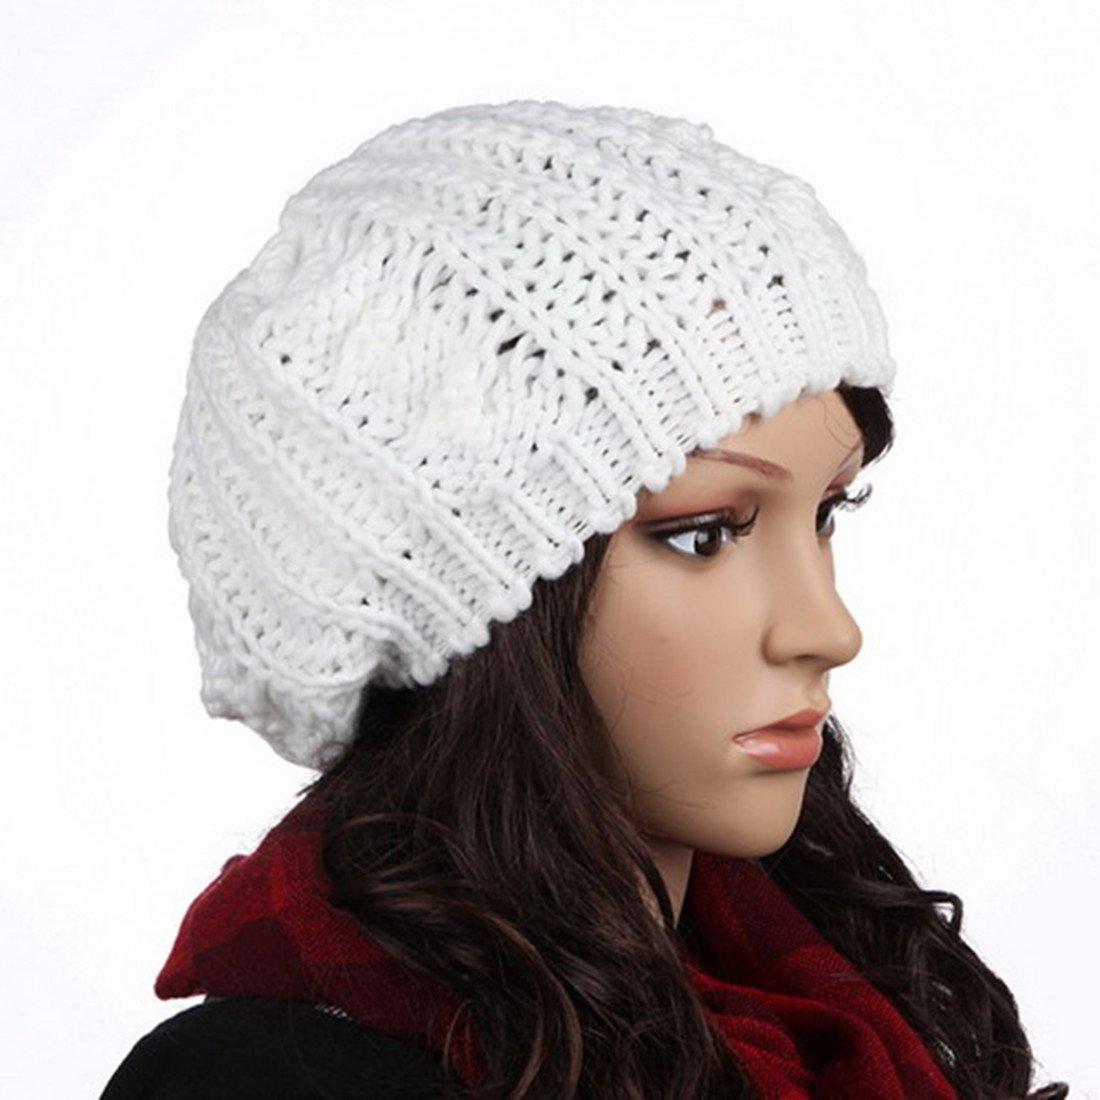 Lady's Strick Beret geflochten Strickmütze Winter Mütze Ski Mütze Beanie, Weiß